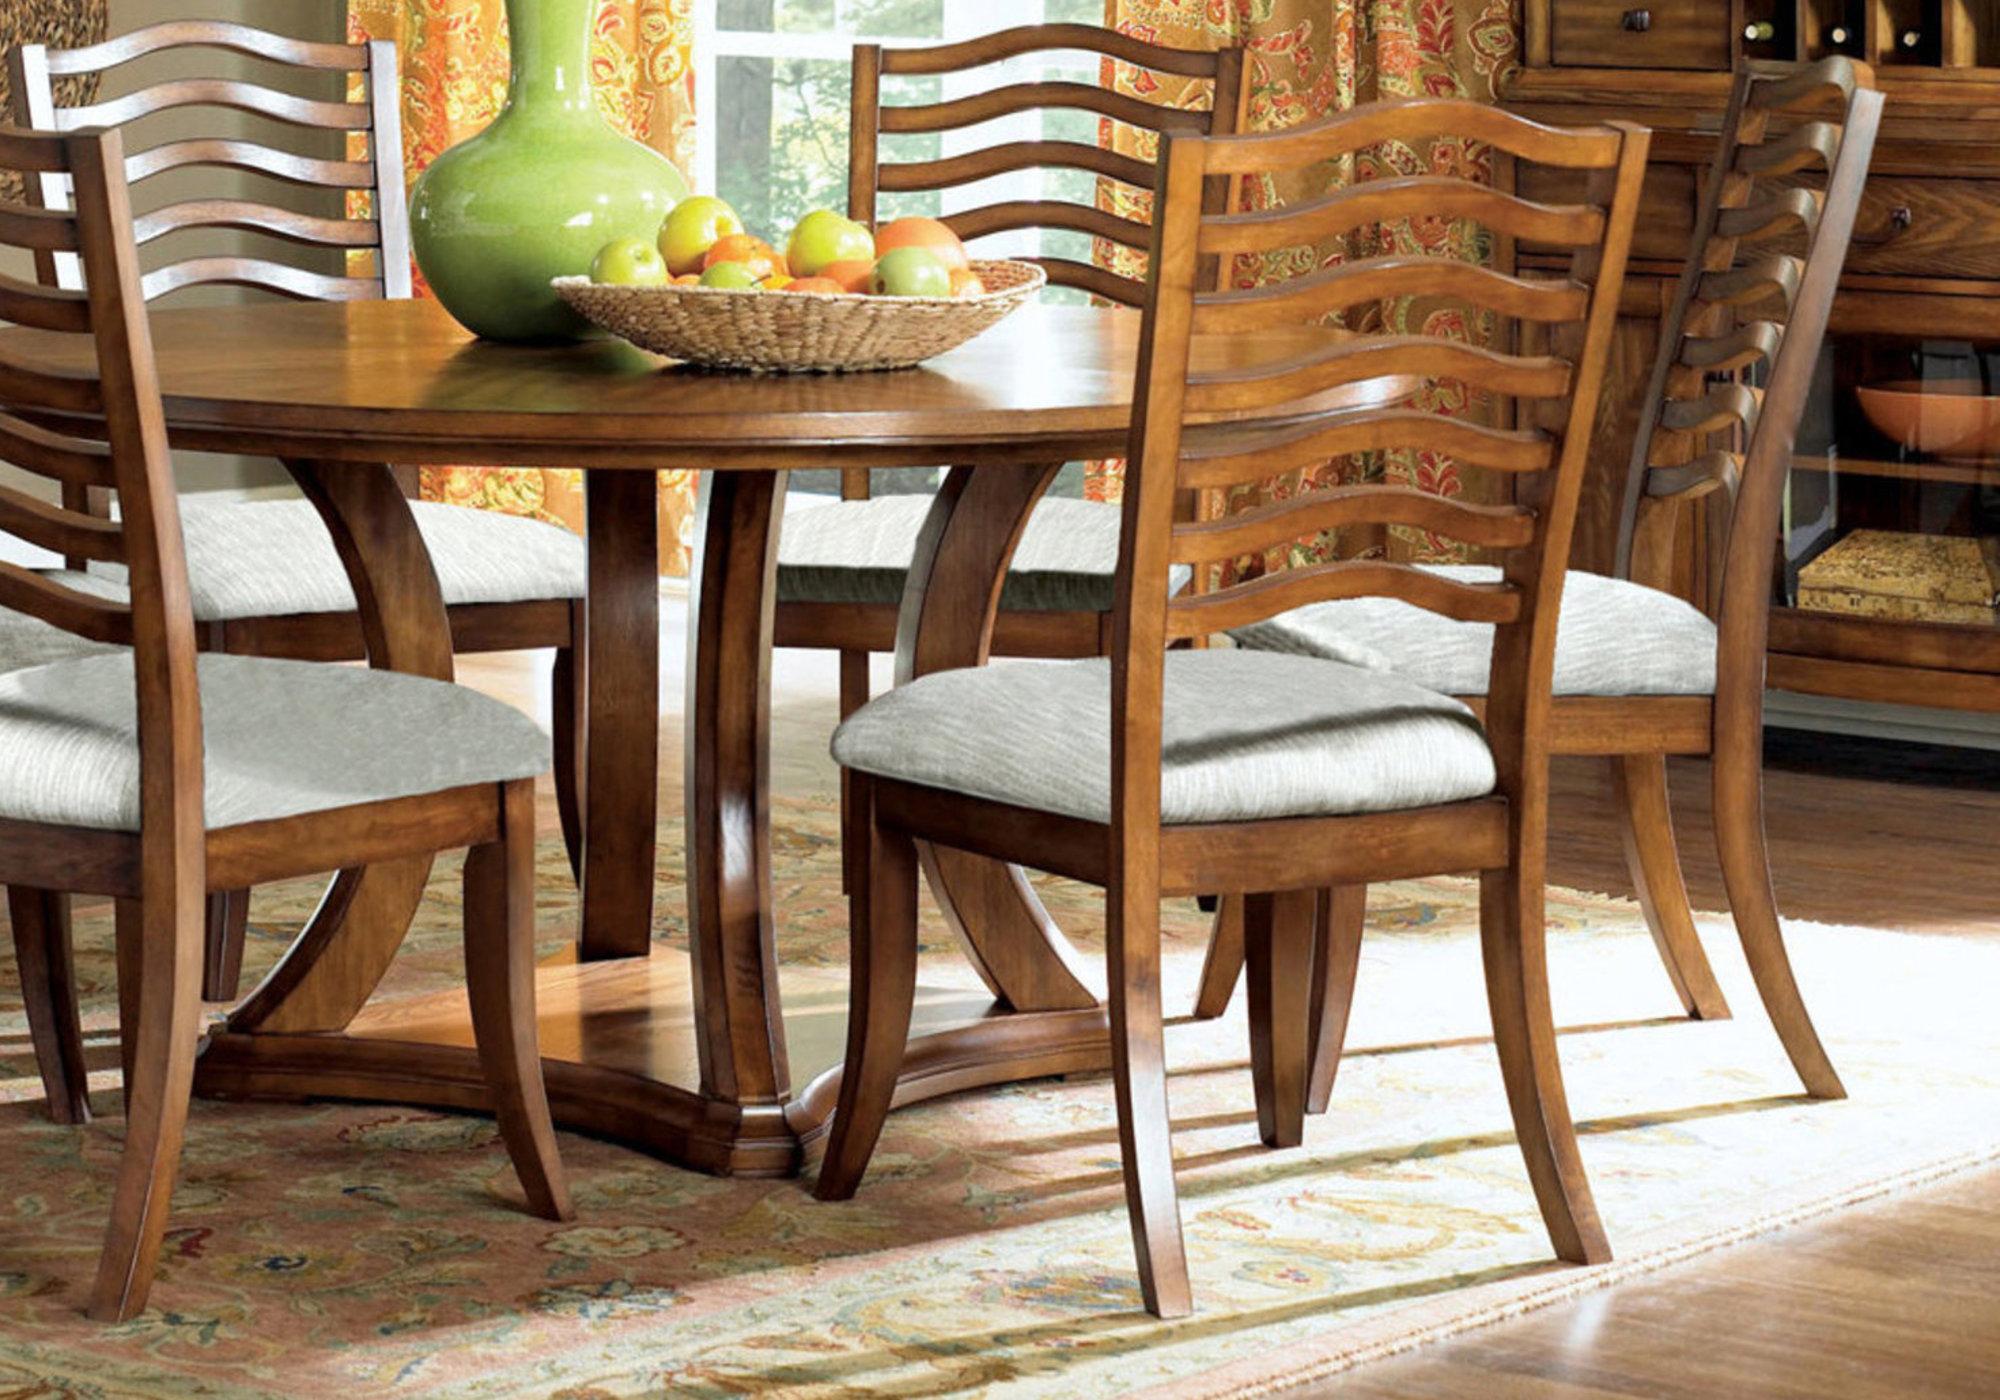 Dining Chair 2pcs 41 H Golden Oak